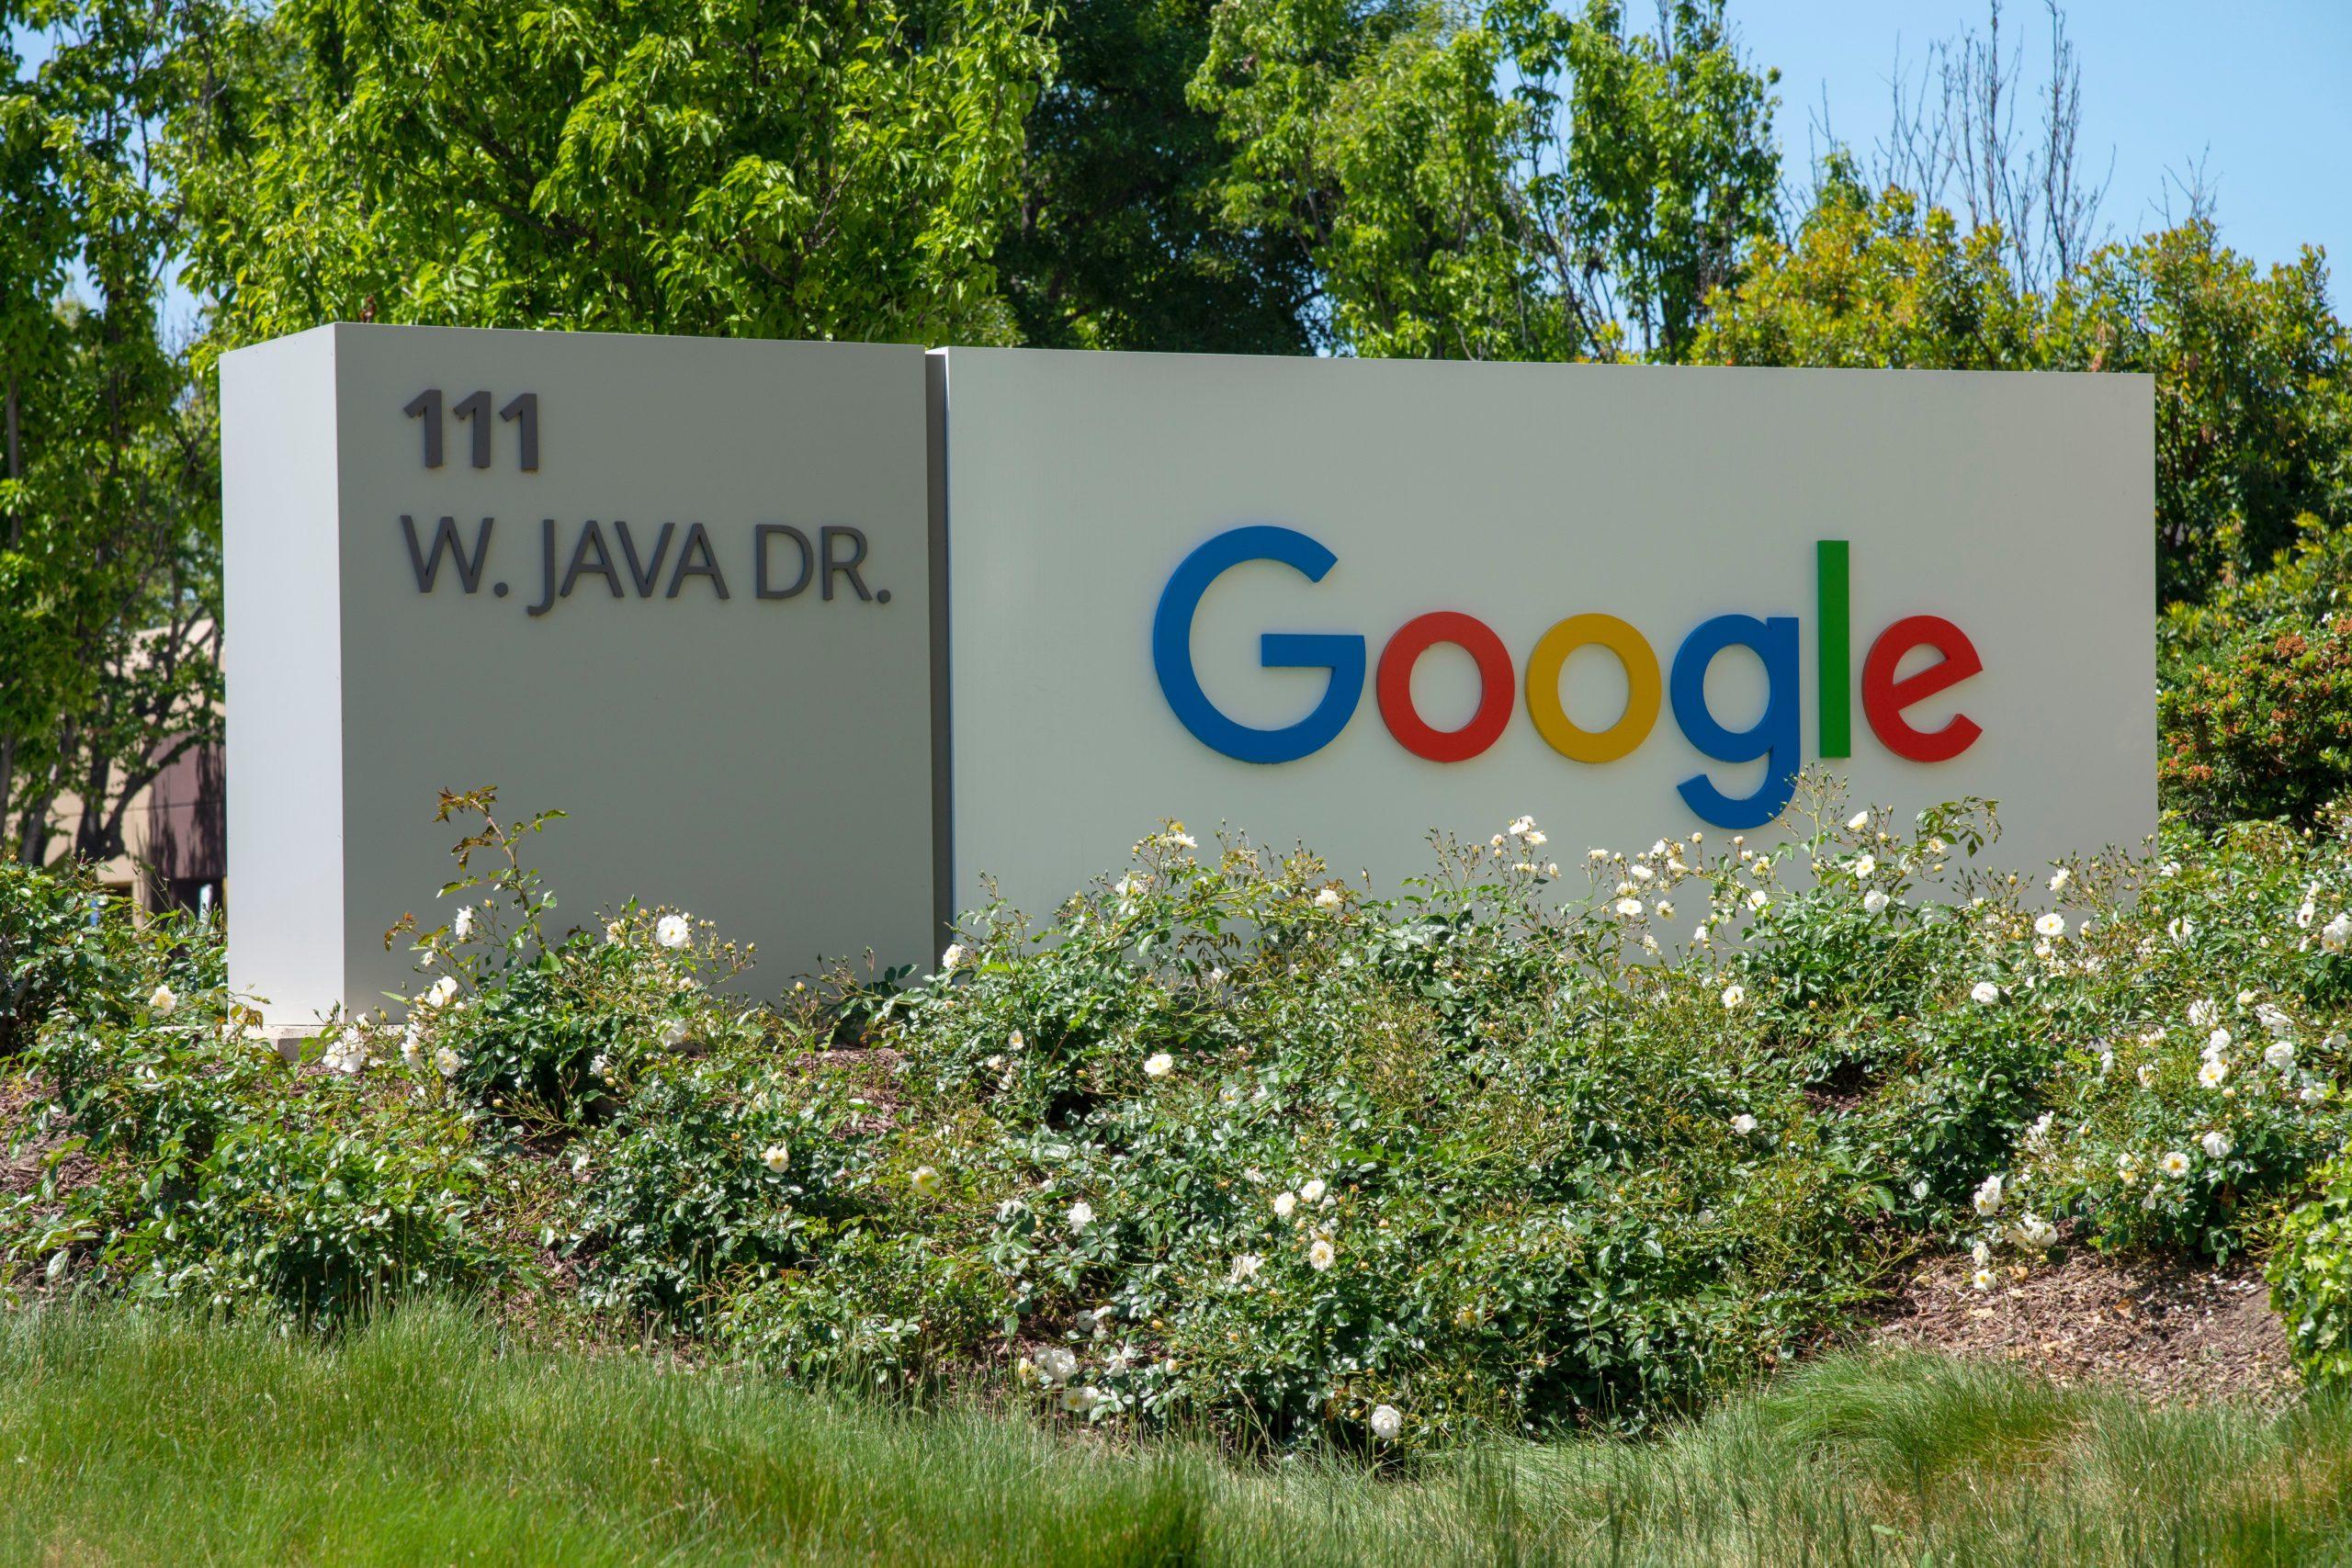 Google : à quoi sert ce câble géant qui relie les États-Unis à la France ? - Journal du geek